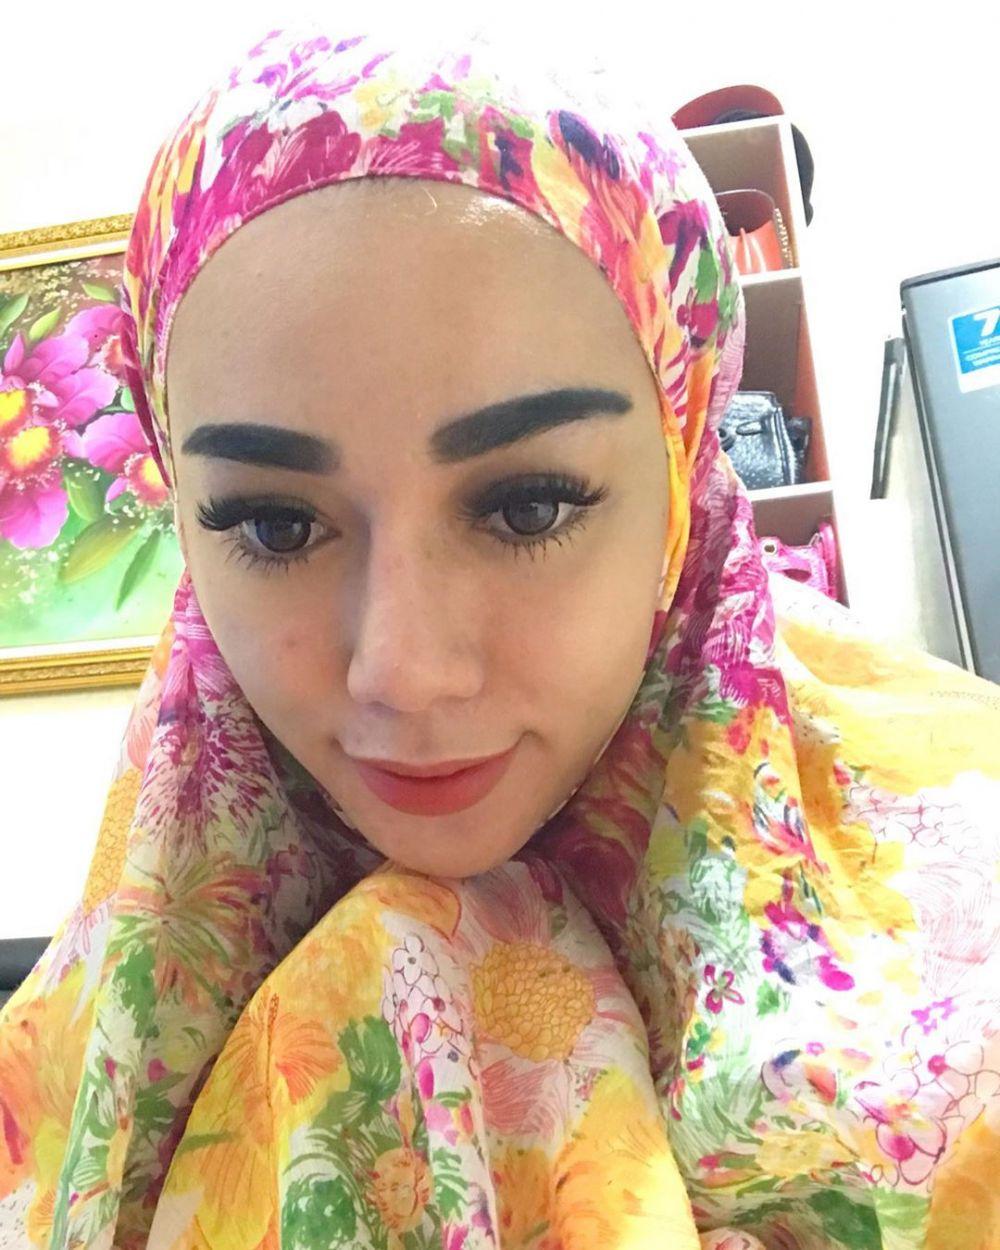 Bebby Fey mukena instagram